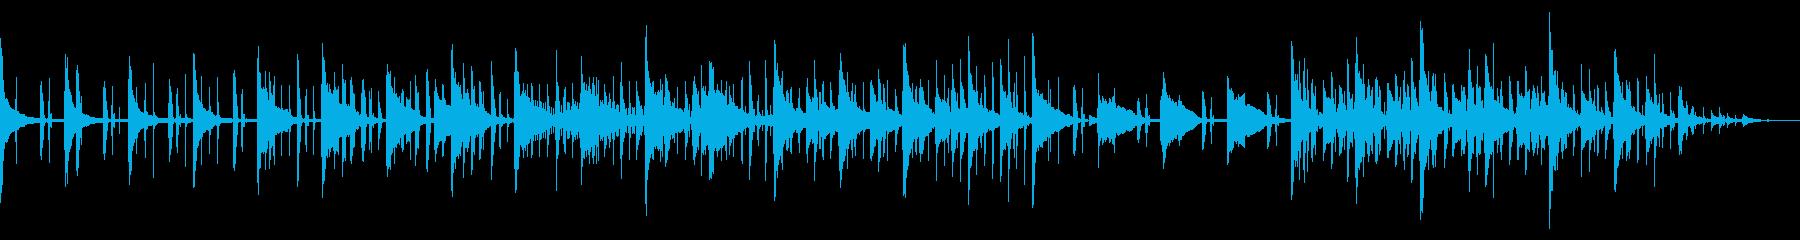 雰囲気抜群のオシャレでダークなBGMの再生済みの波形